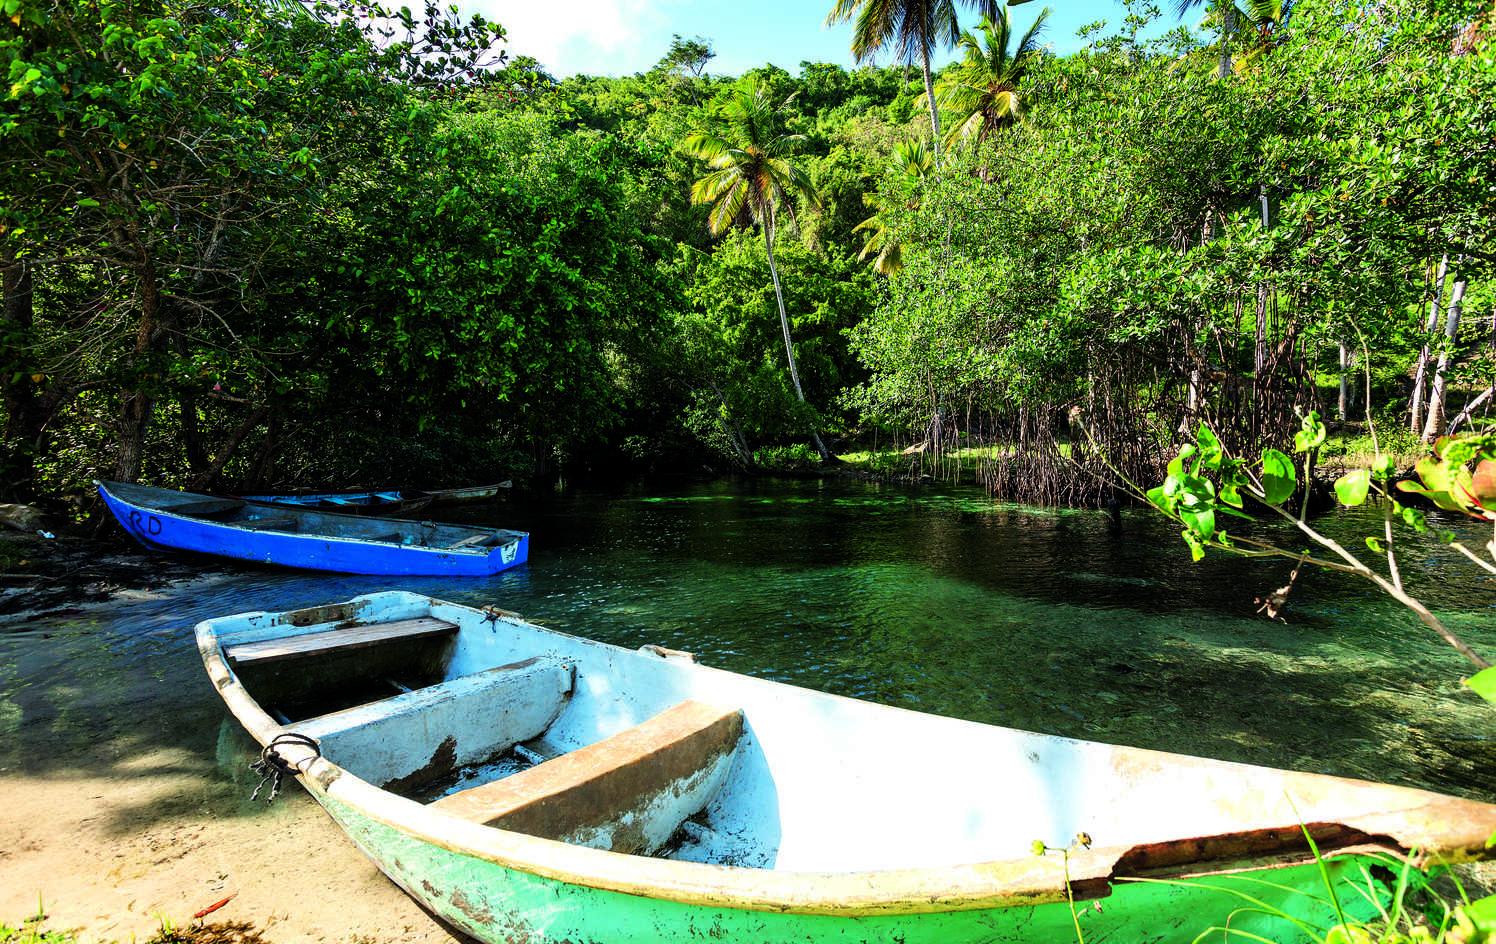 PROTECTION DES FORÊTS DE MANGROVES VIERGES ET SOUTIEN À L'ÉCONOMIE LOCALE EN RÉPUBLIQUE DOMINICAINE